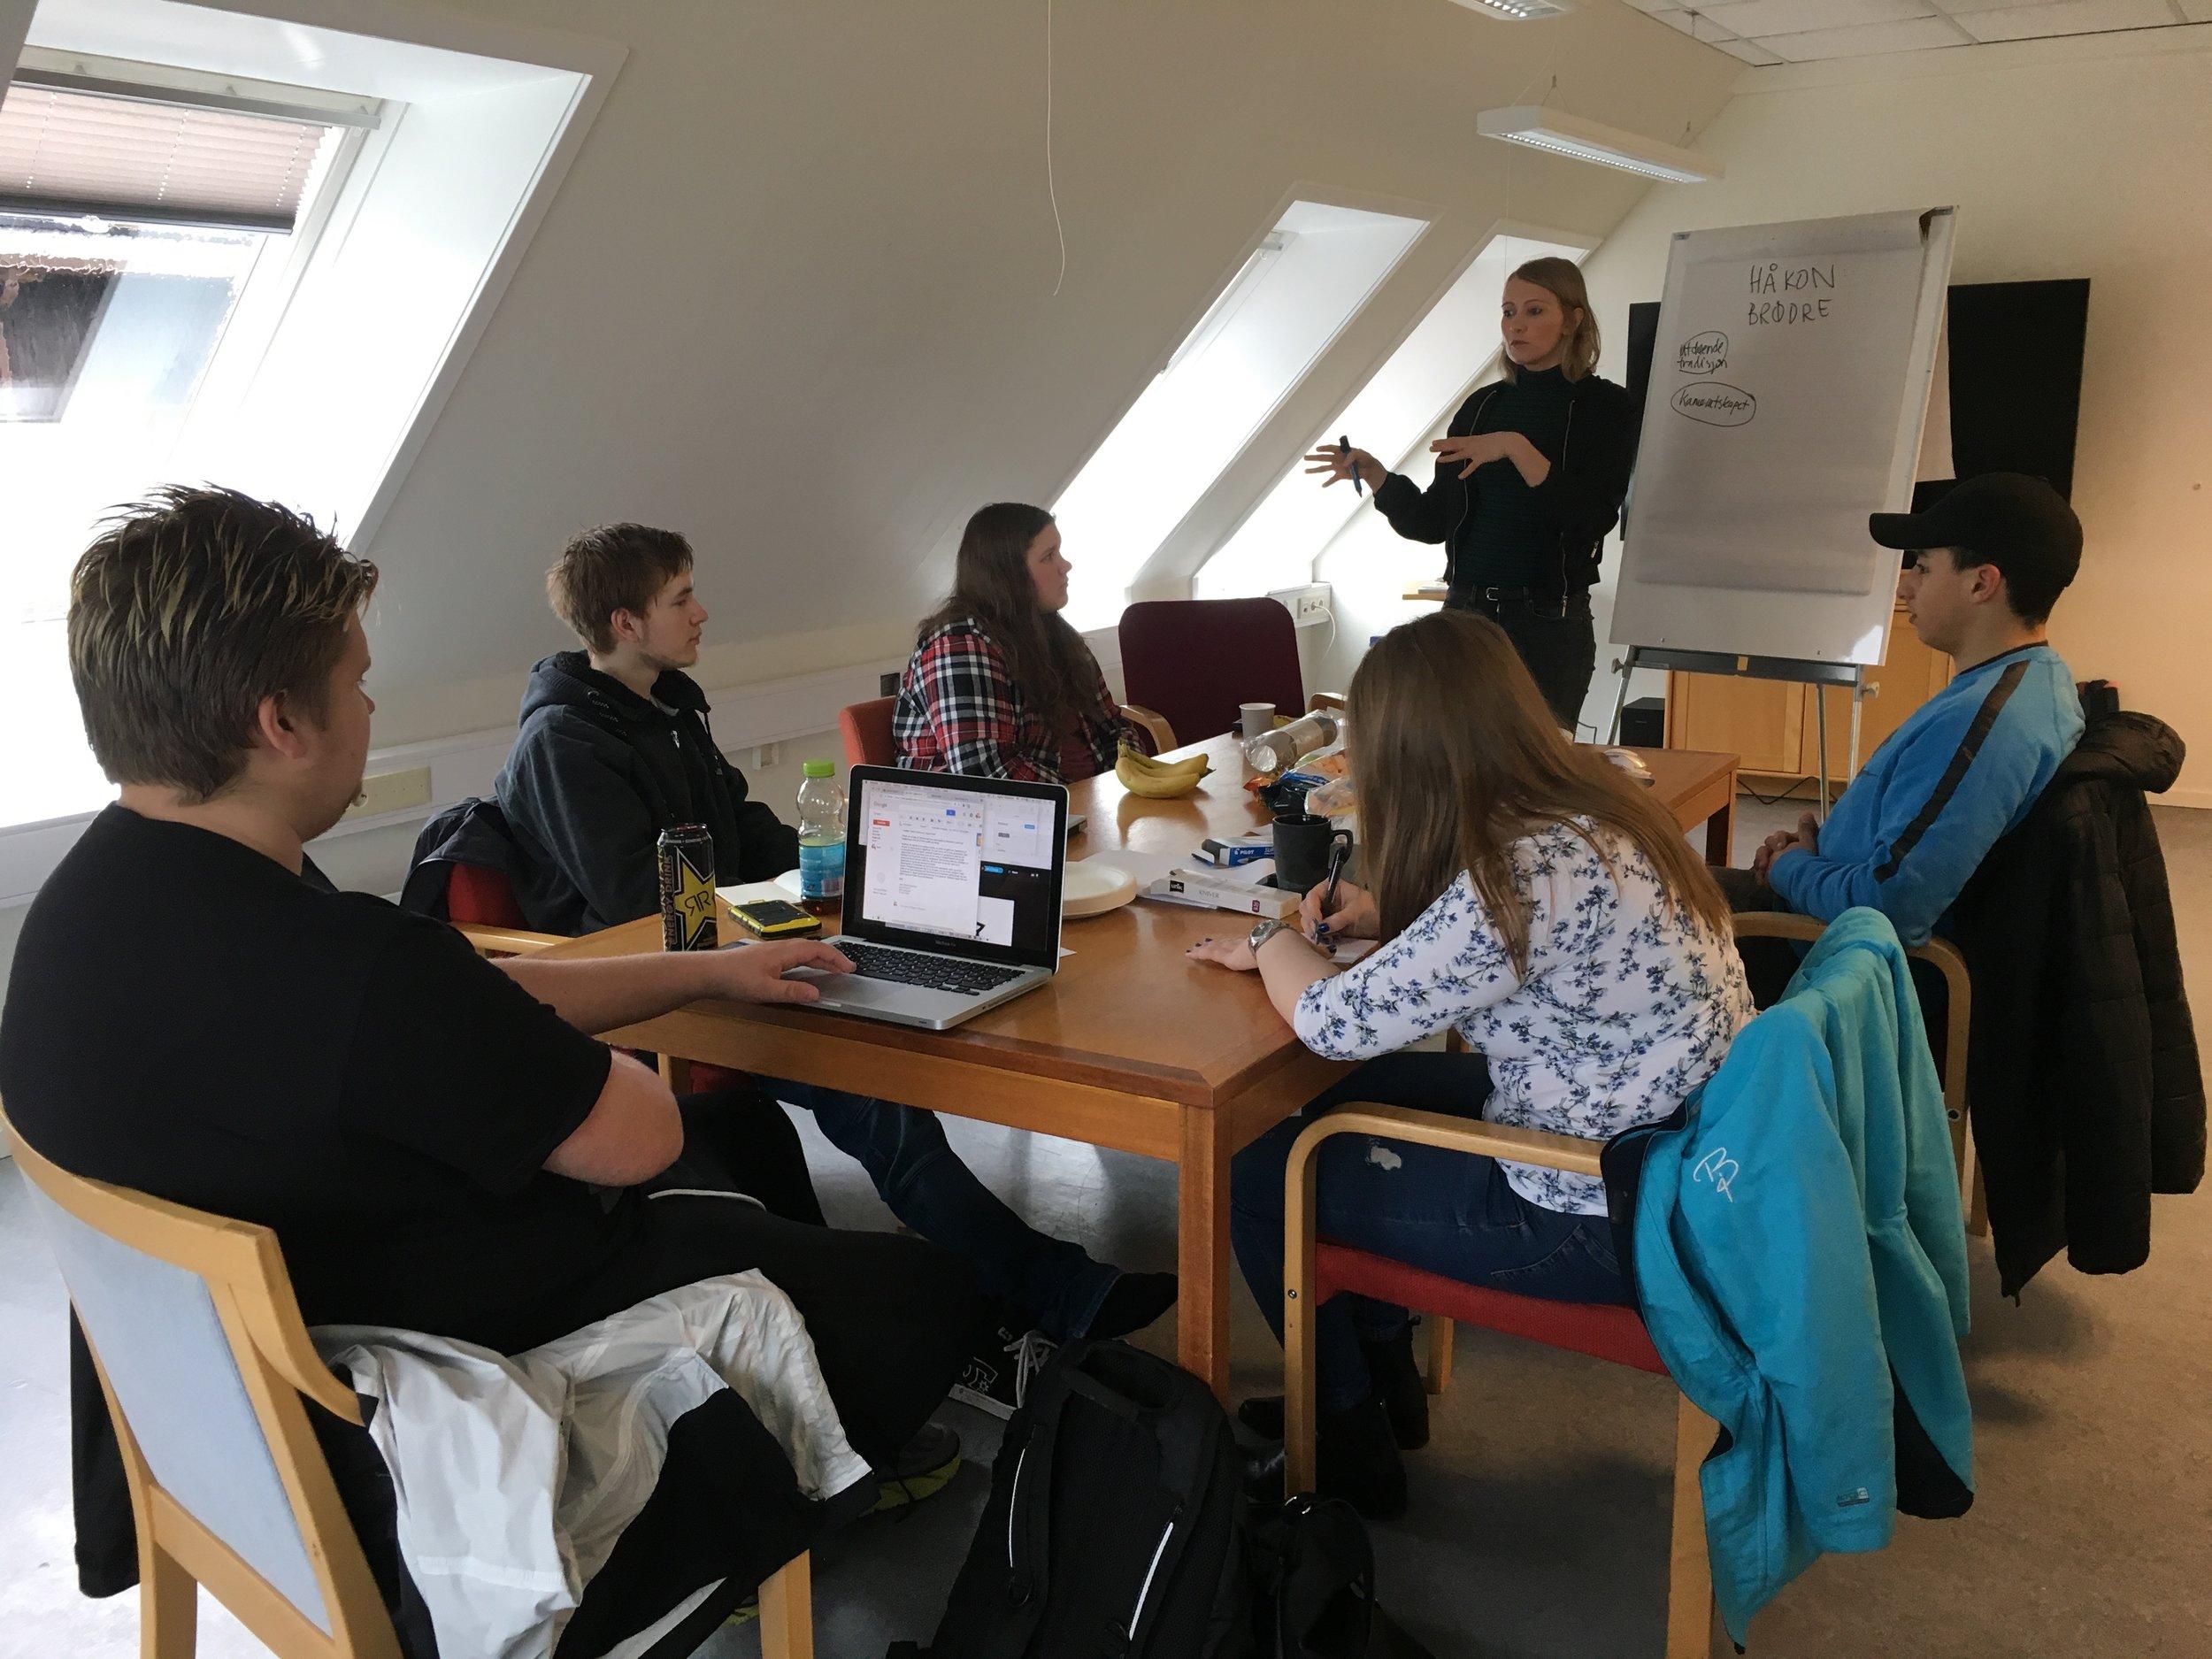 På bildet: Håkon, Richard, Emma, Gry, Sofian og Aleksandra.